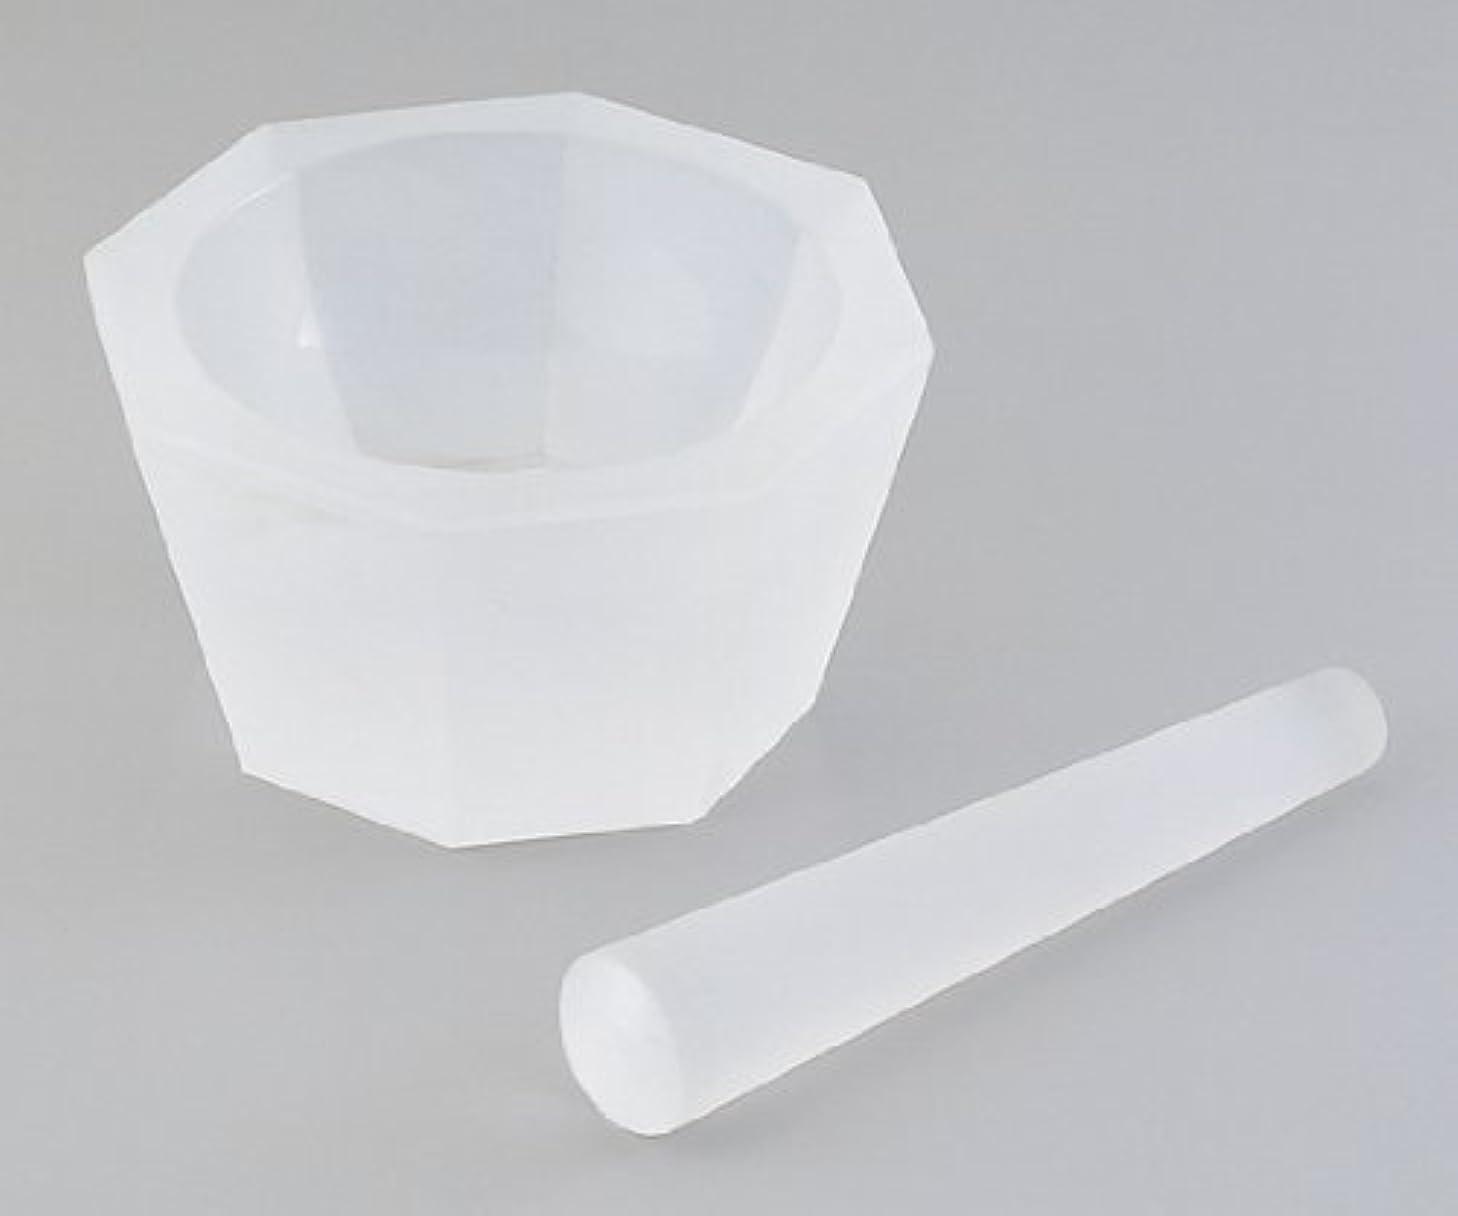 いわゆる柔らかさ転倒石英ガラス製乳鉢 φ65×φ80×30